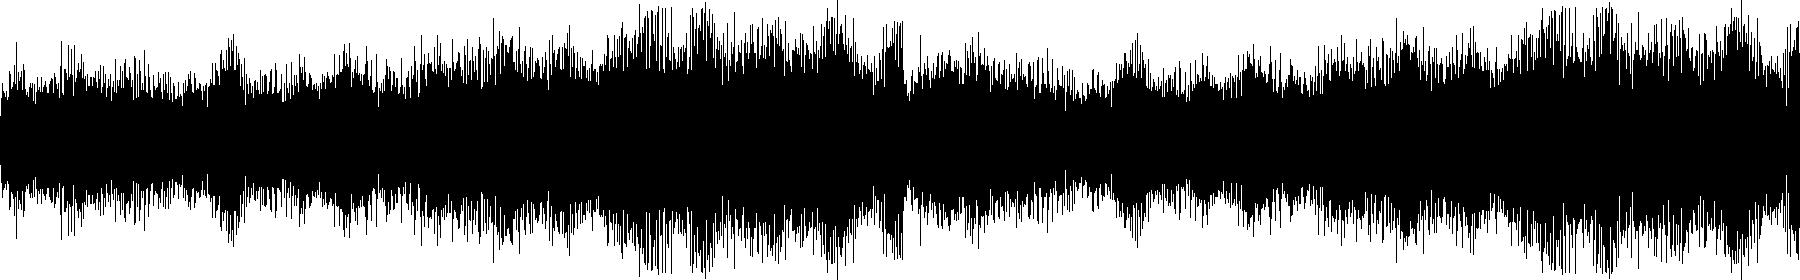 shg synth loop 10